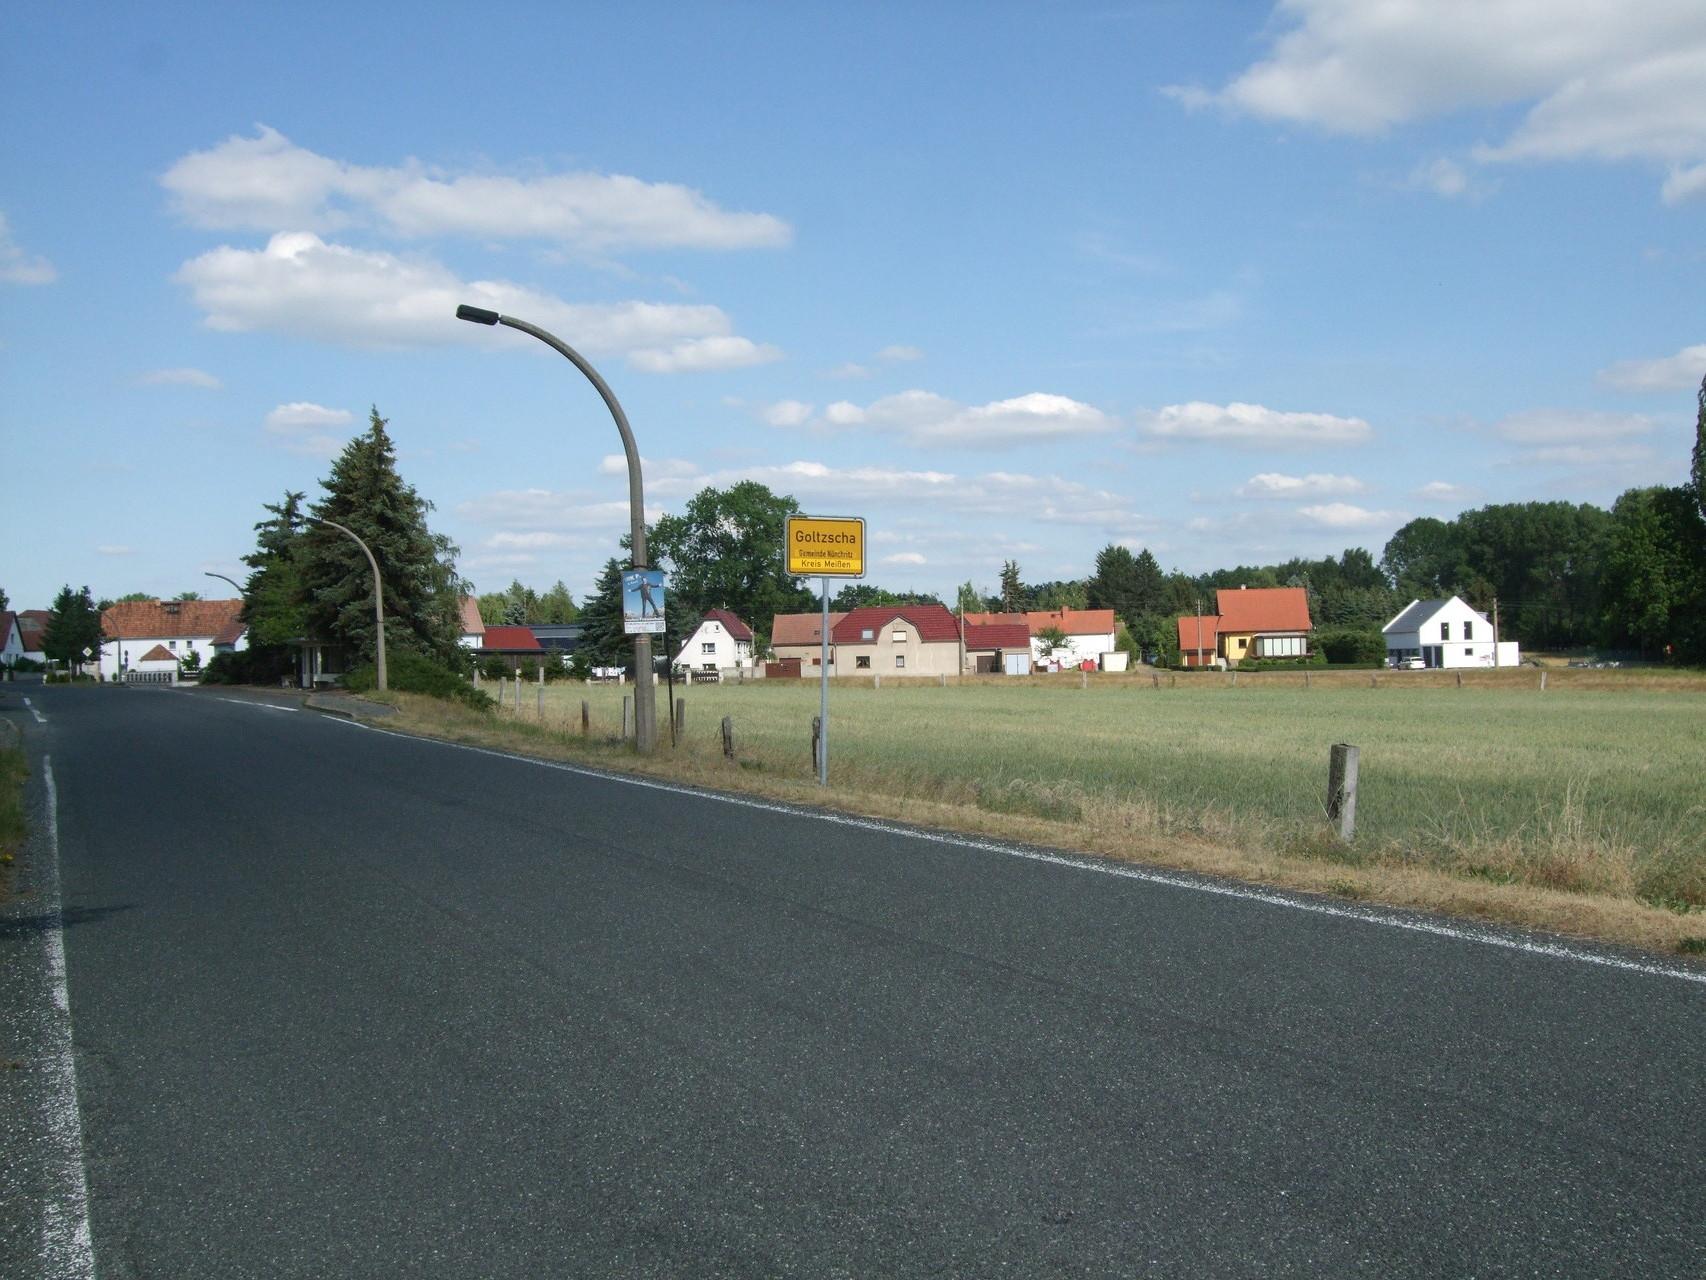 Ortseingang Goltzscha aus Richtung Merschwitz